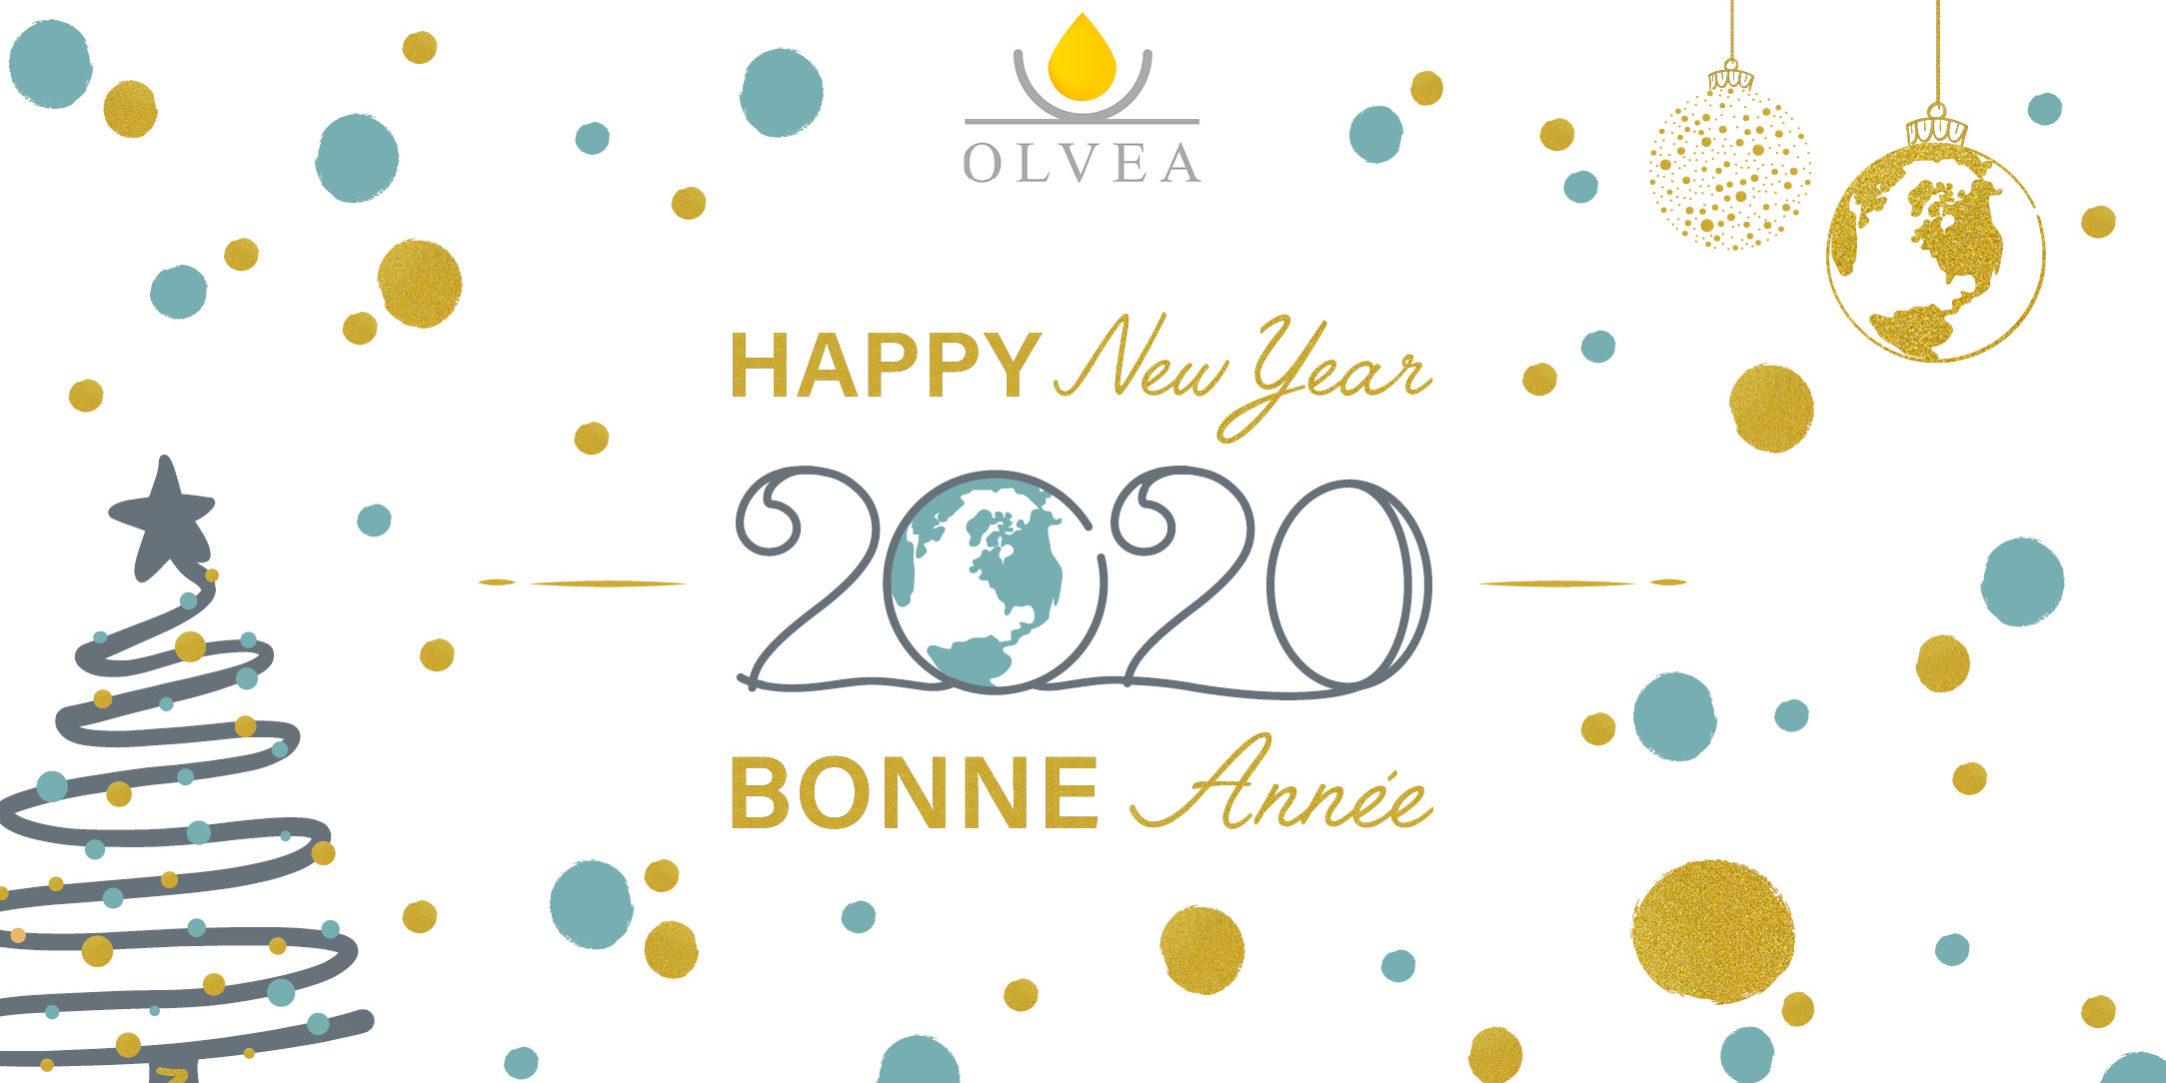 Bonne année 2020 ! 1